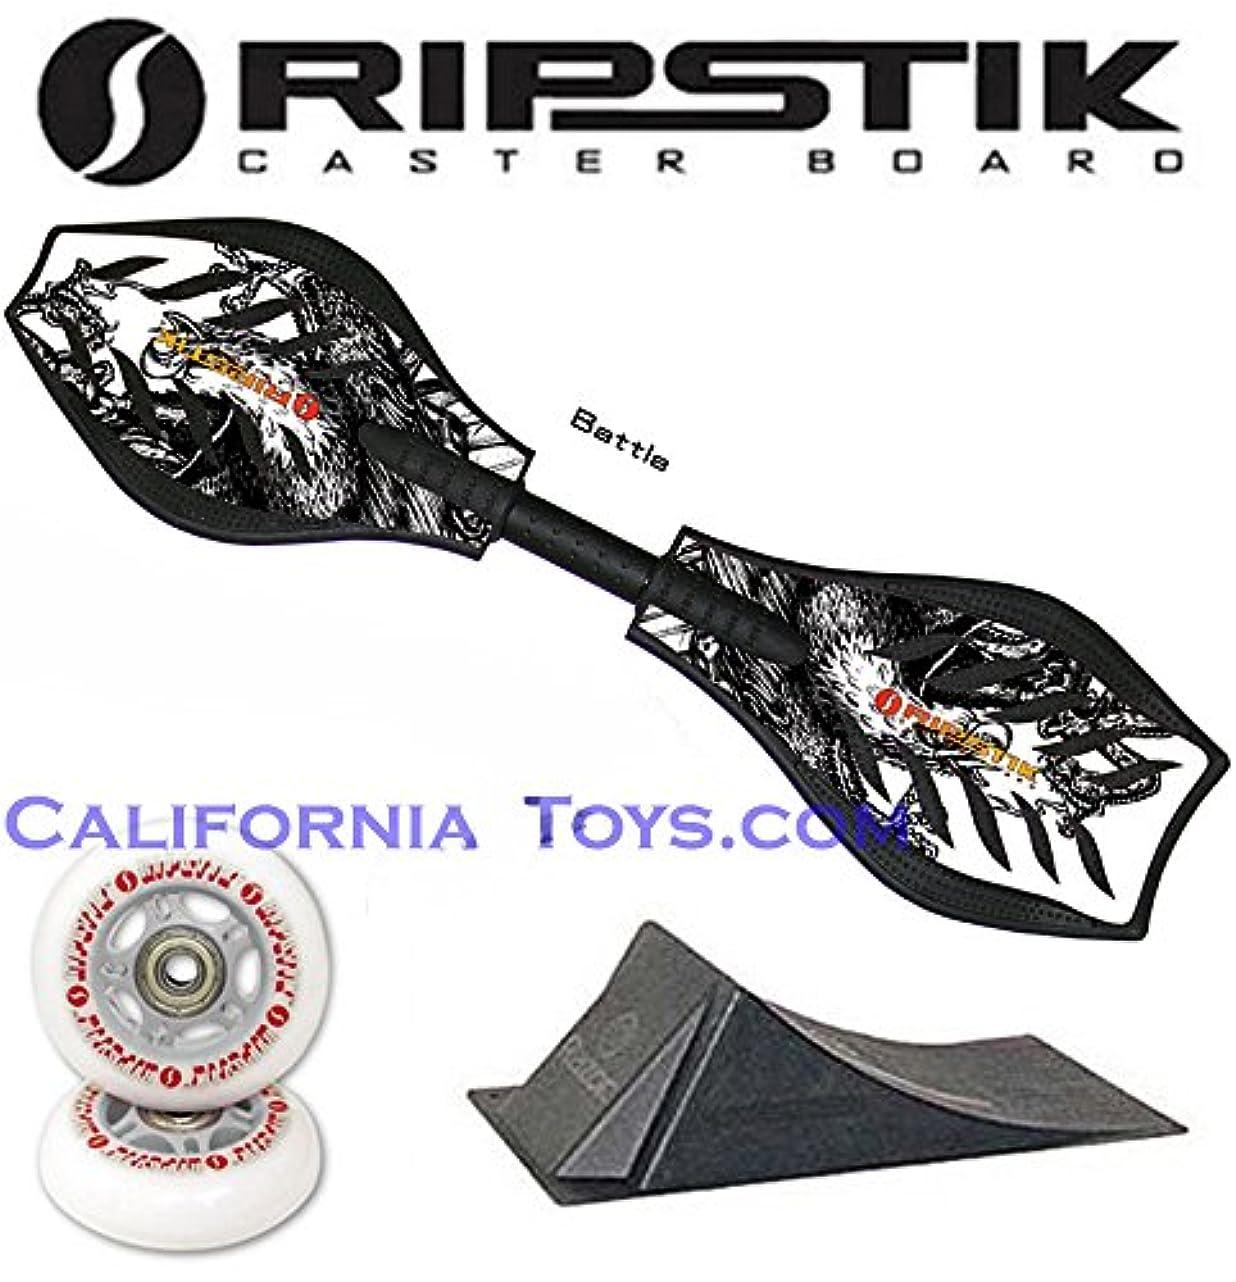 主導権巻き戻すスズメバチRazor Ripstik 限定版 バトルキャスターボード スケートボード パンクスロープとグレーホイールの追加セット